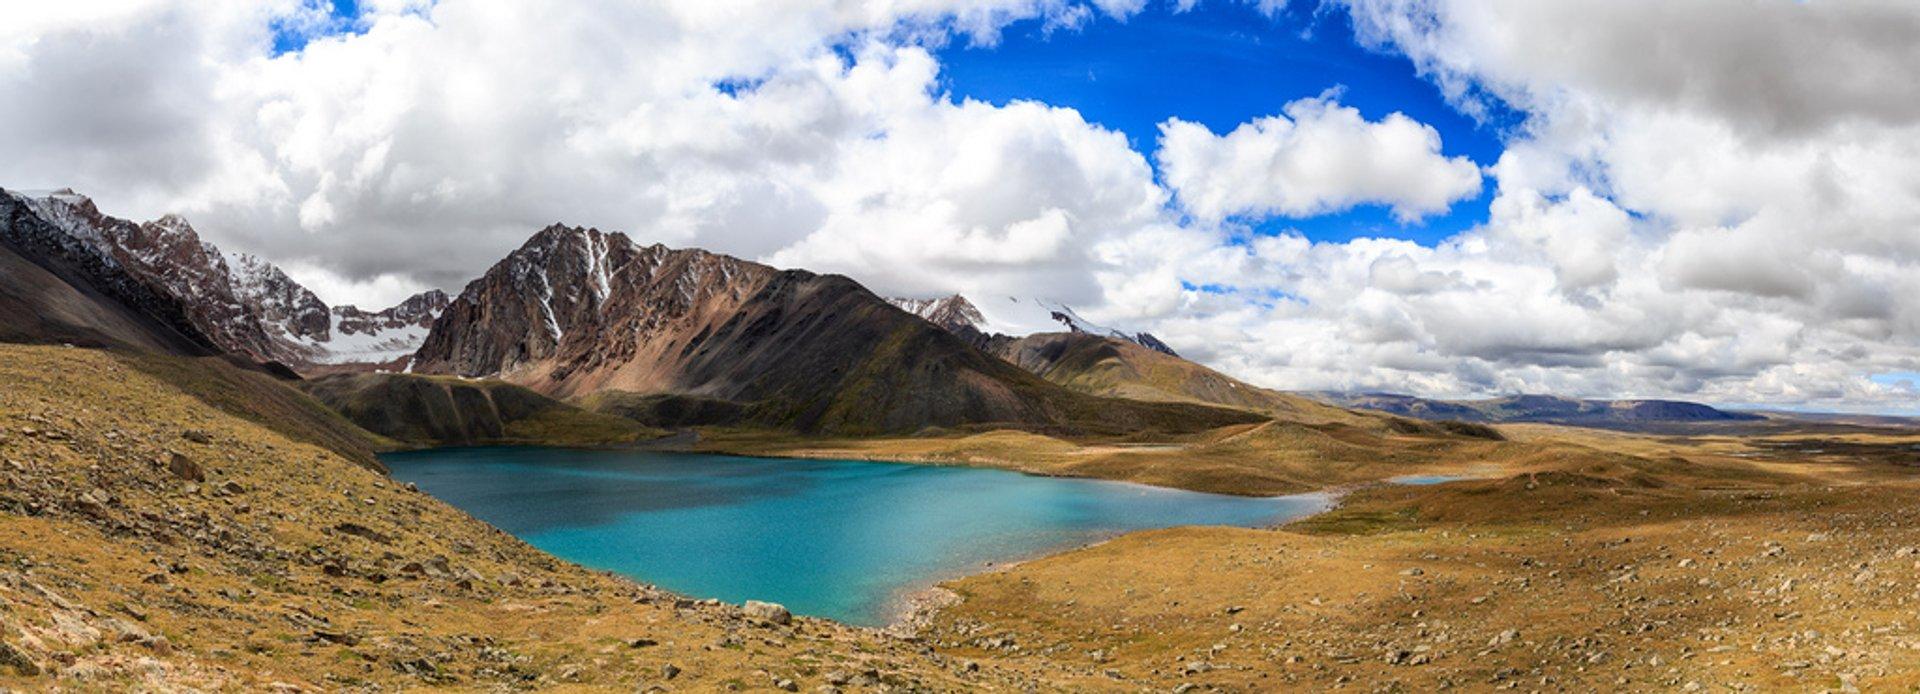 Lake in Uvs Province 2020